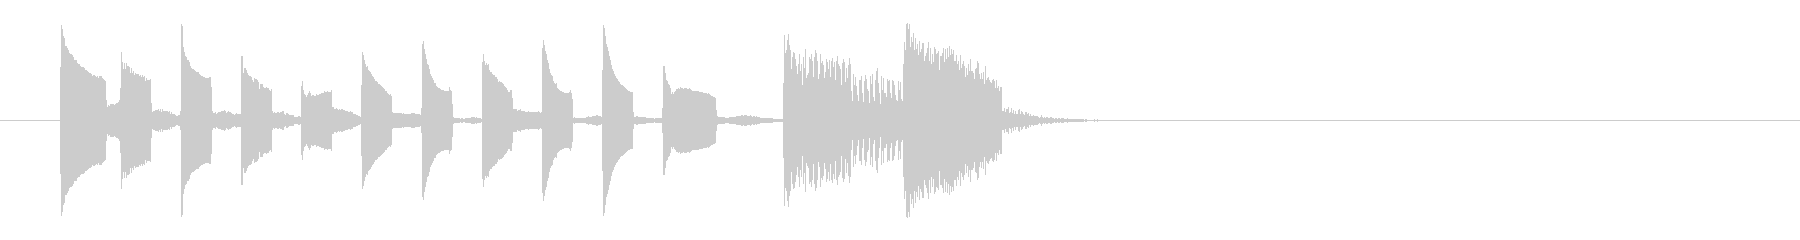 明るくかわいいシンプルな電子音の未再生の波形